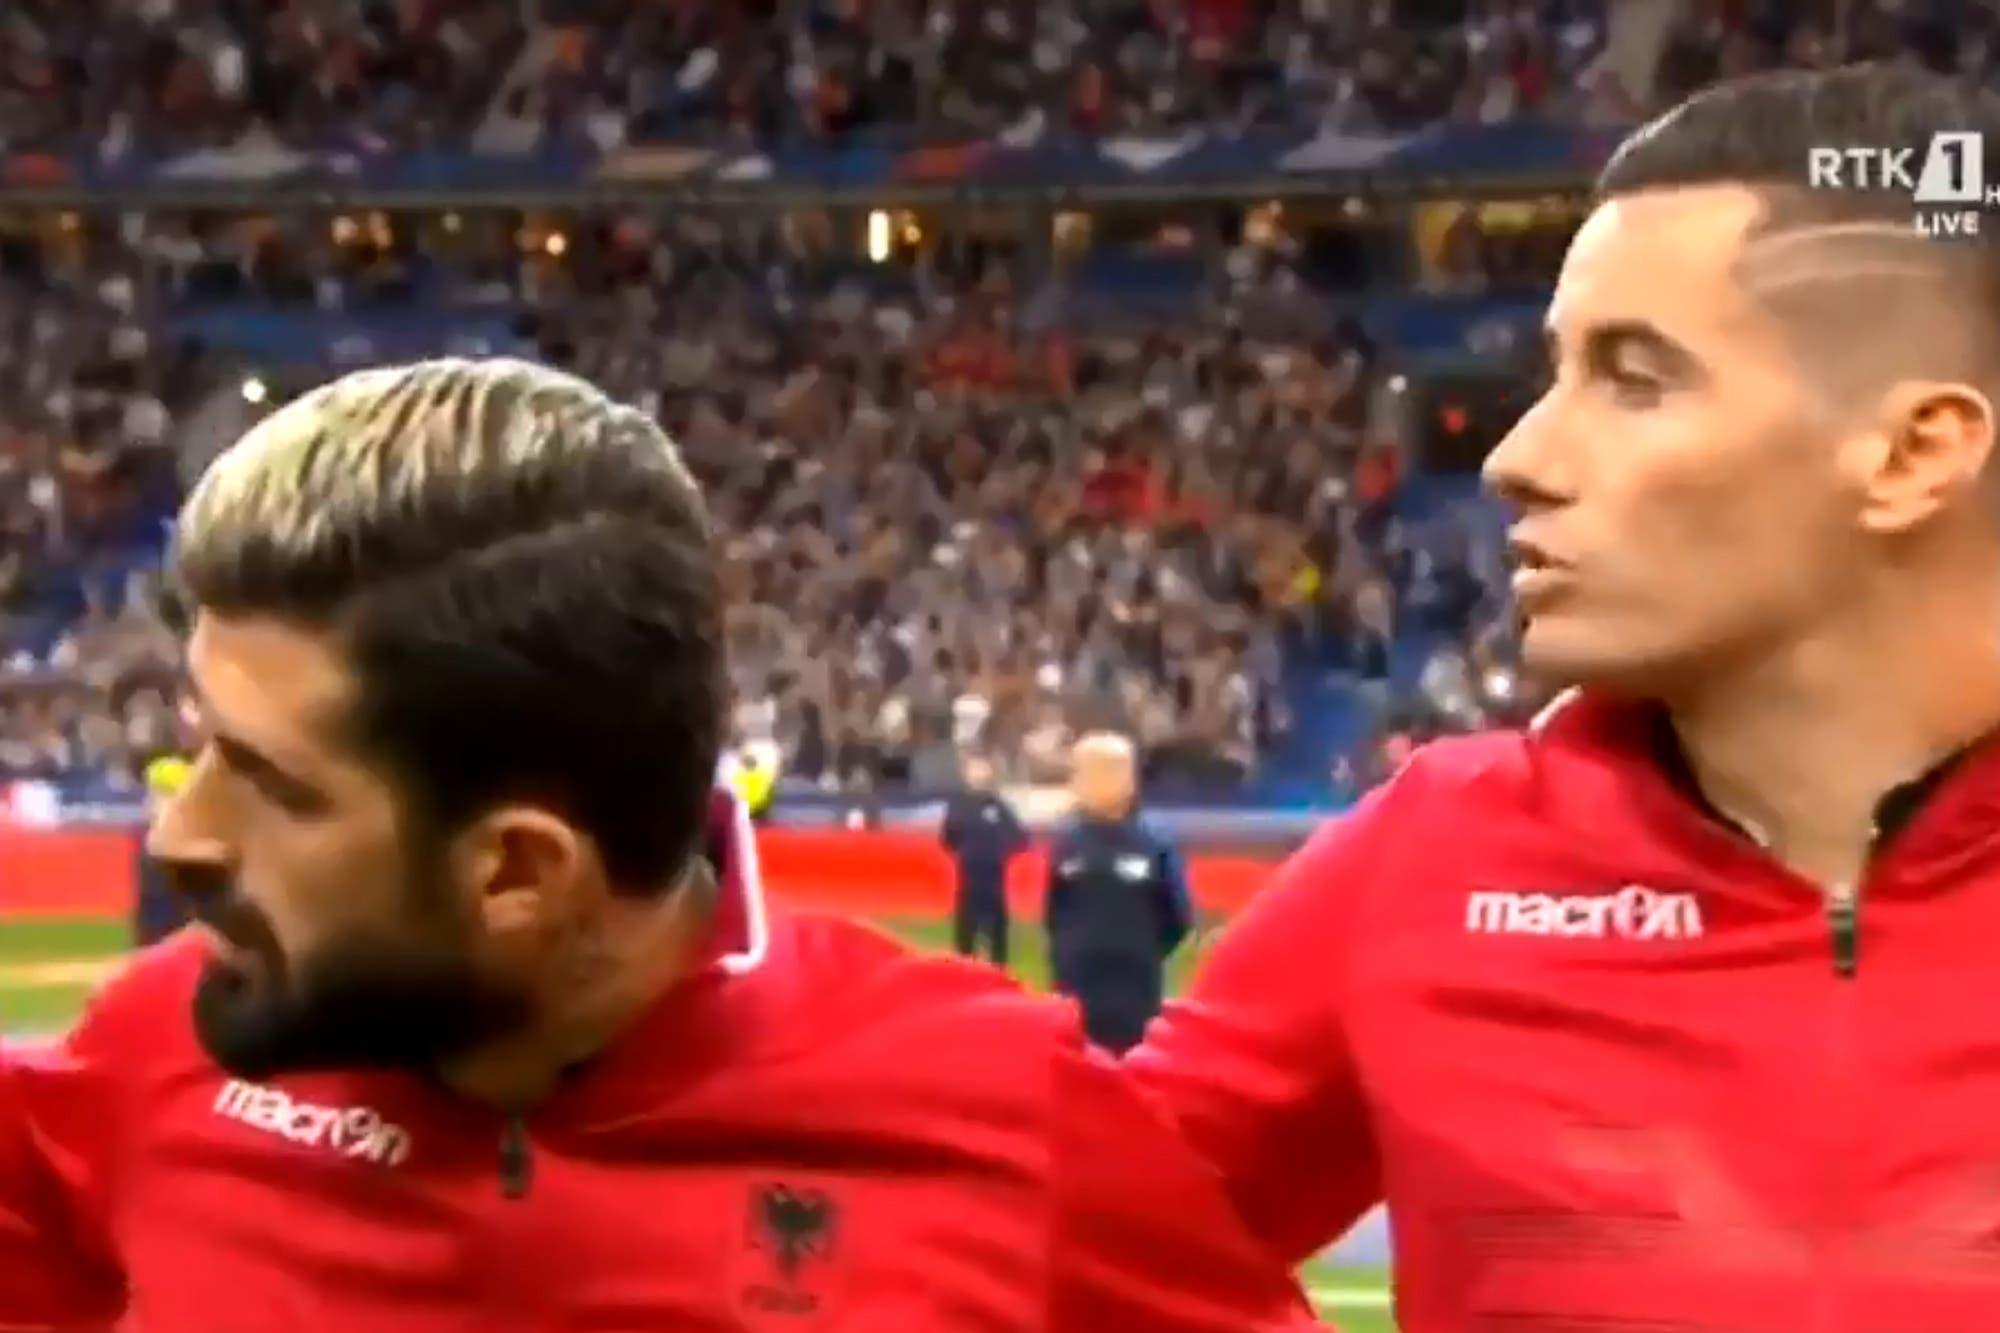 El grave error francés con el himno de Albania y las 10 selecciones eliminadas de Qatar 2022